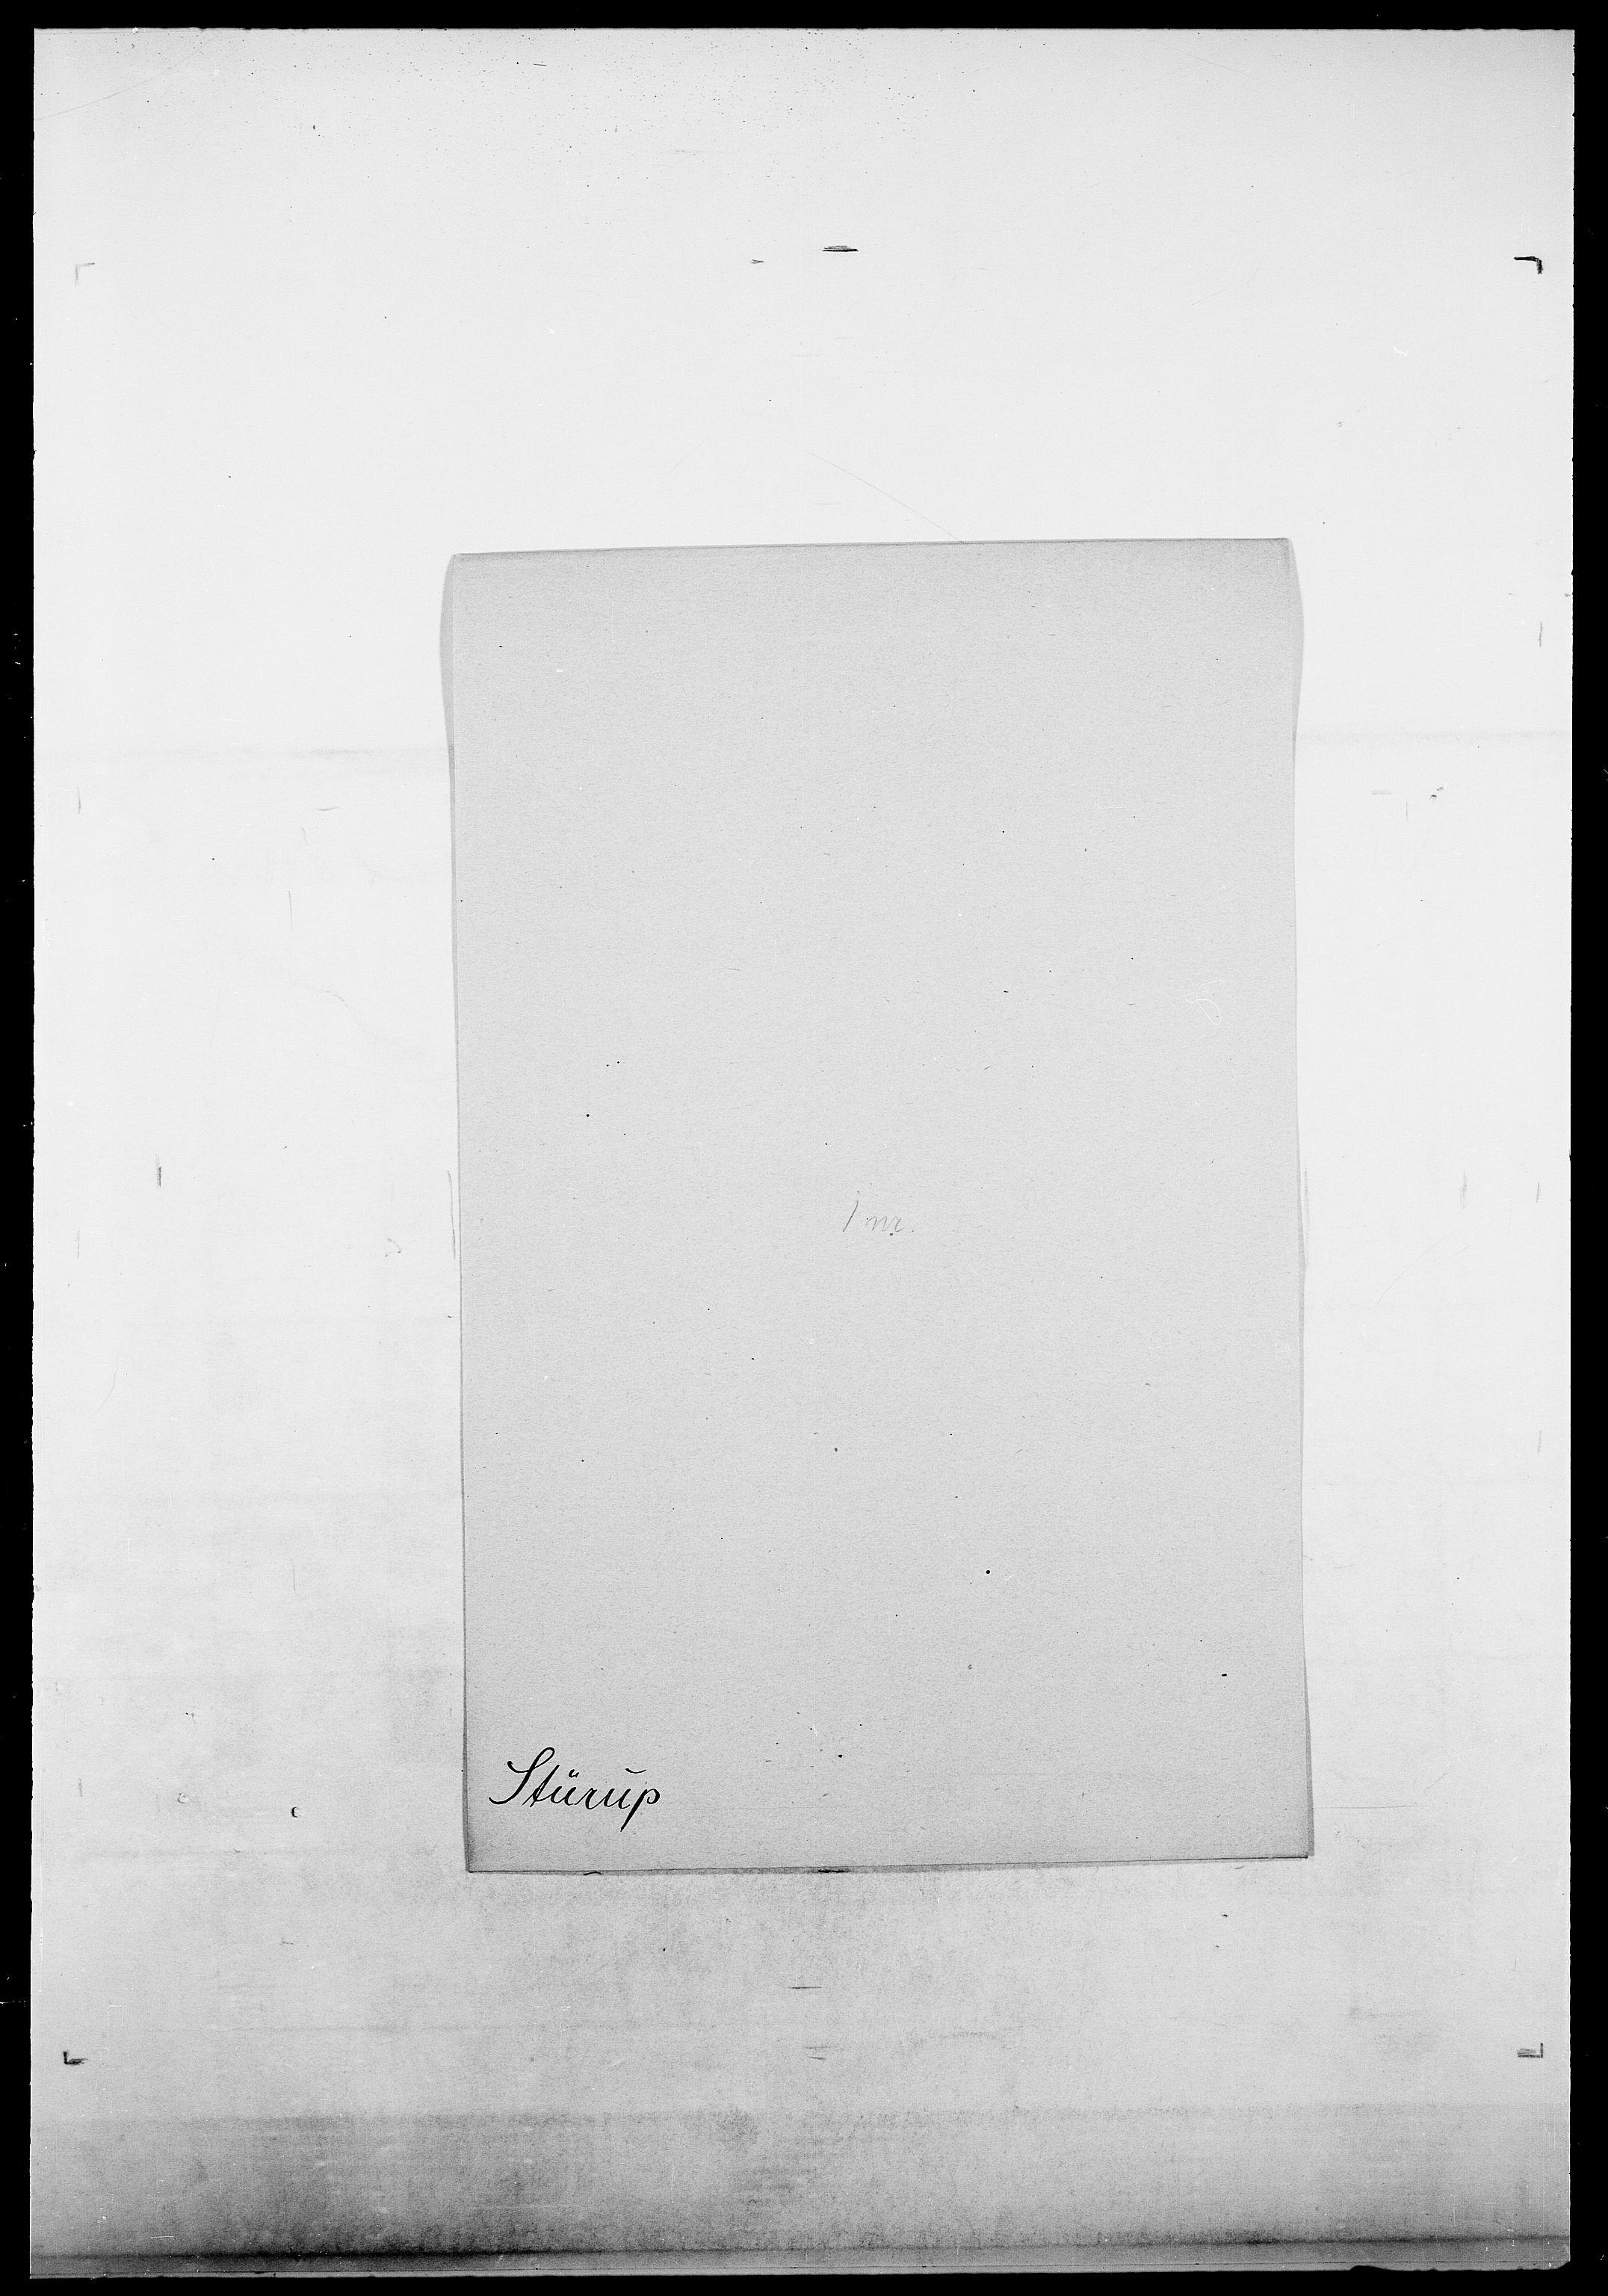 SAO, Delgobe, Charles Antoine - samling, D/Da/L0037: Steen, Sthen, Stein - Svare, Svanige, Svanne, se også Svanning og Schwane, s. 811